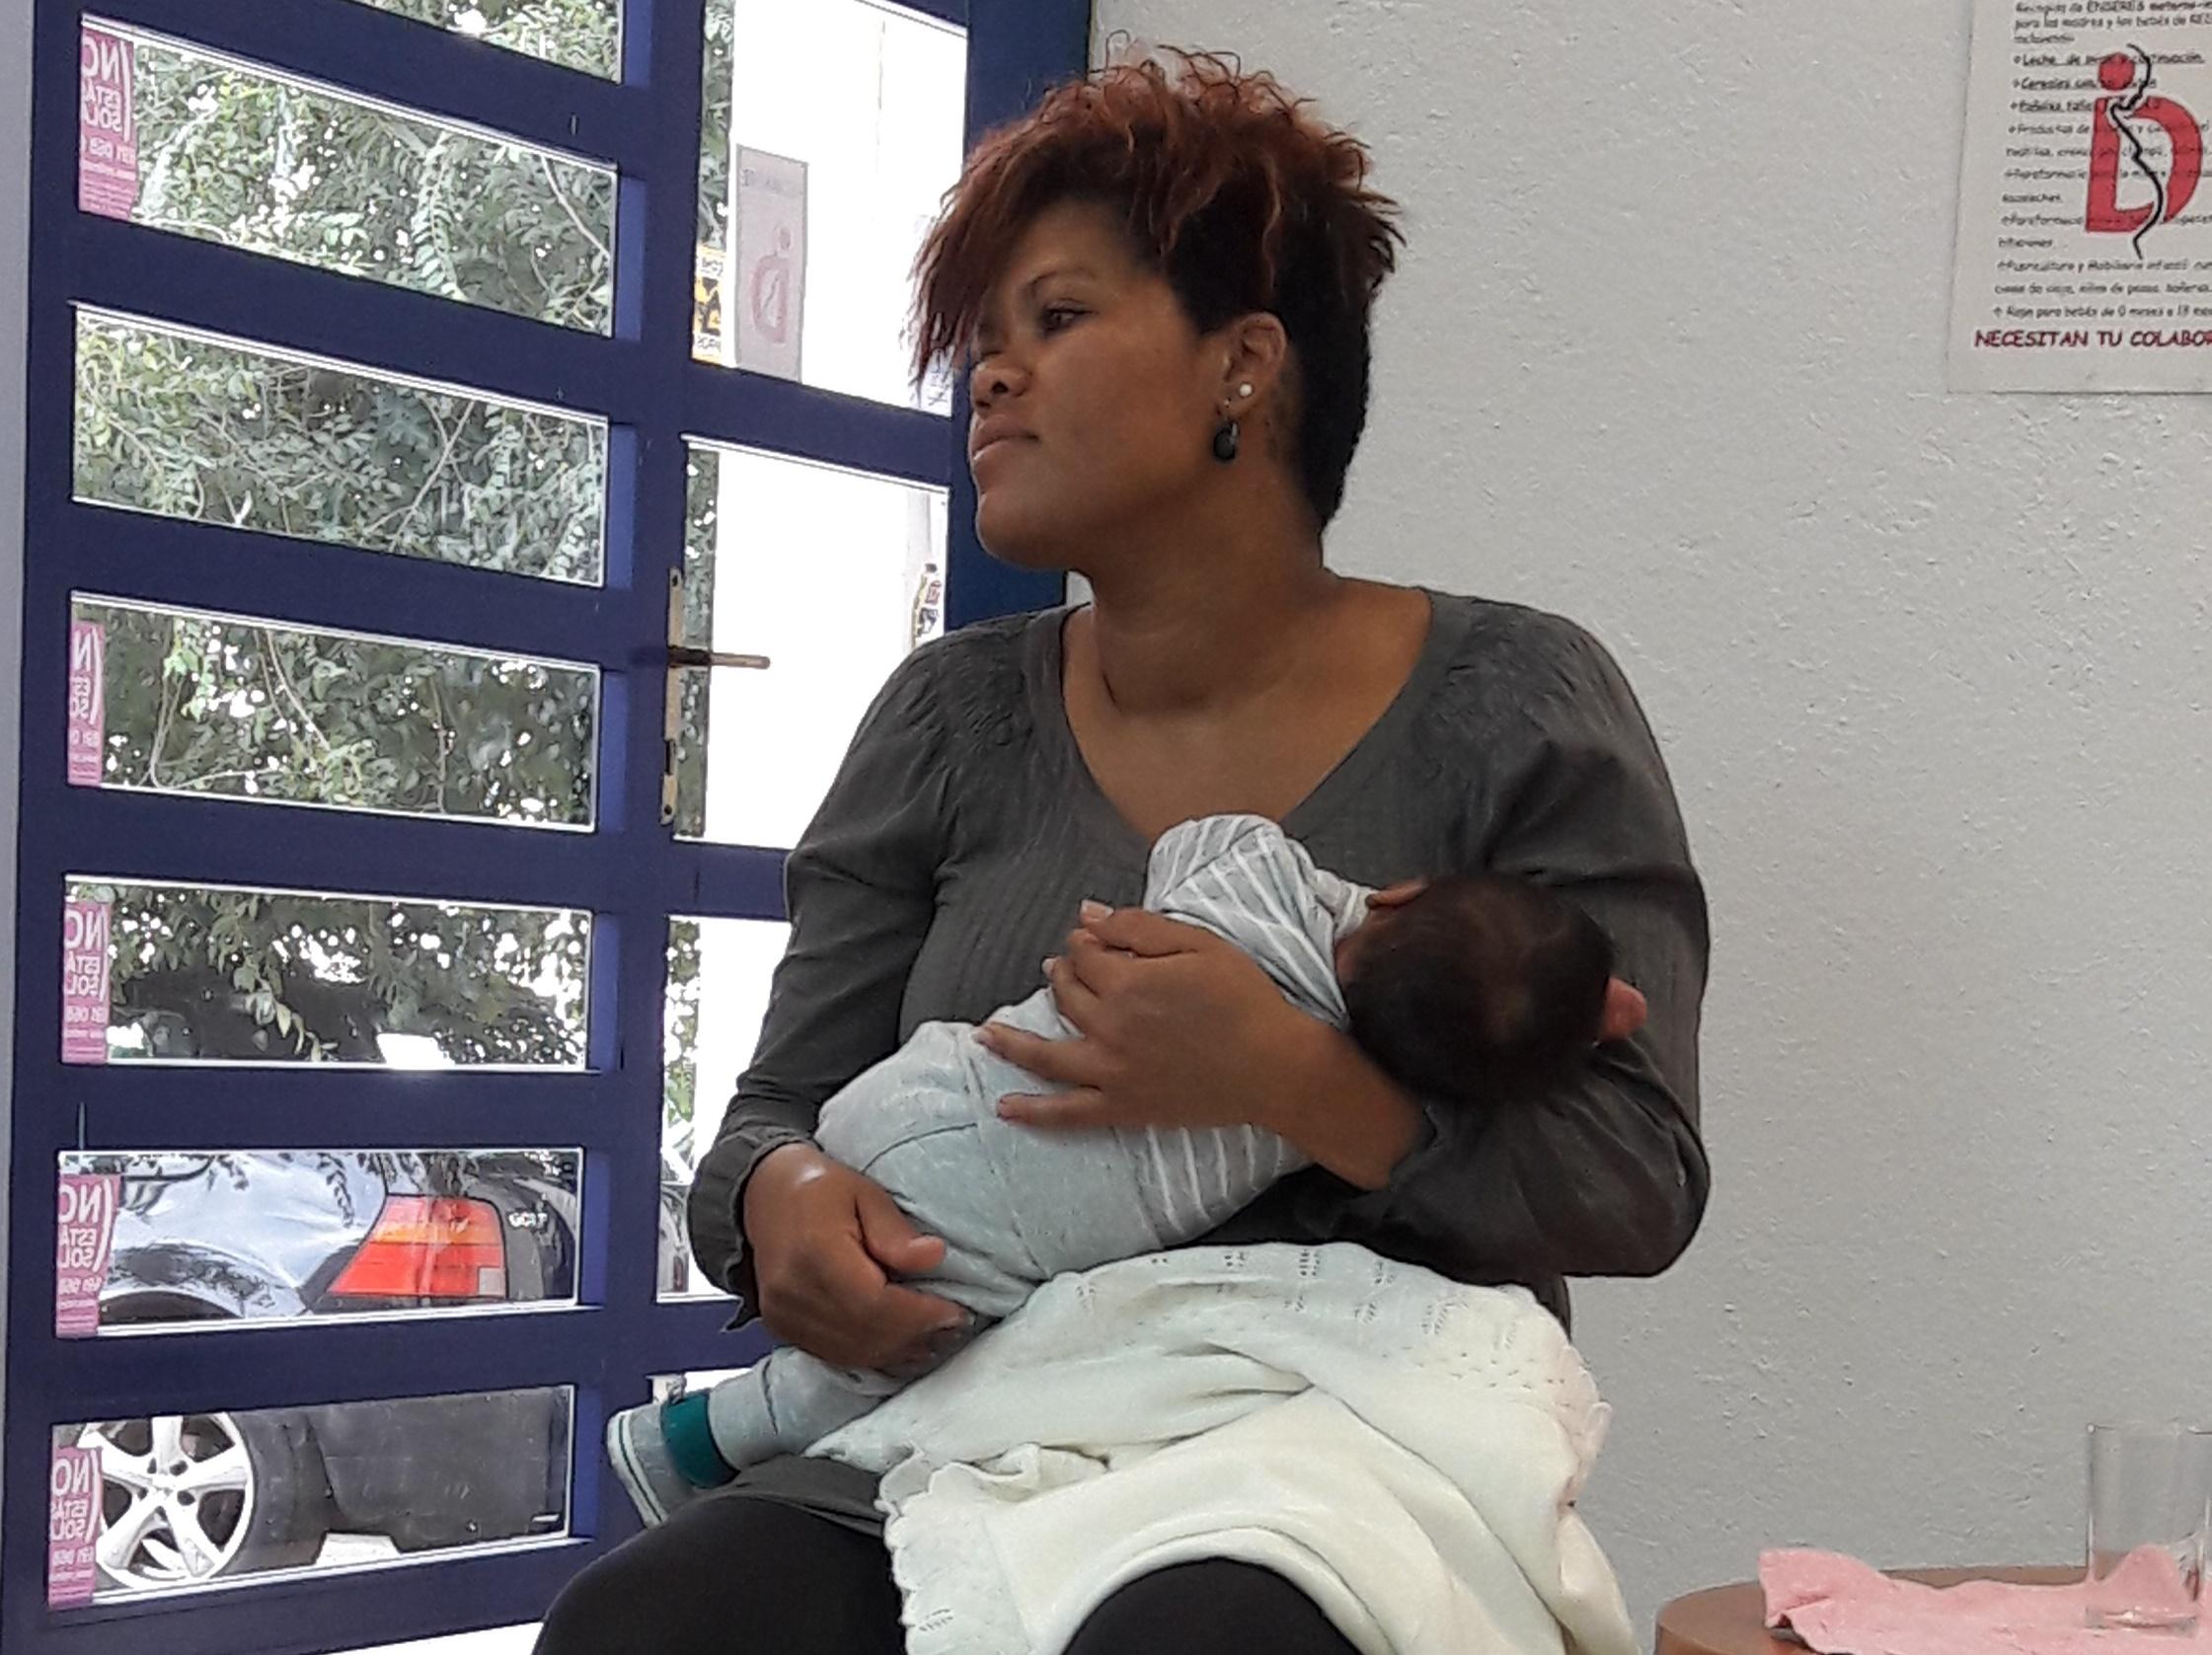 Ser madre cuando te juzgan sin trabajo sin papeles y for Trabajos en barcelona sin papeles